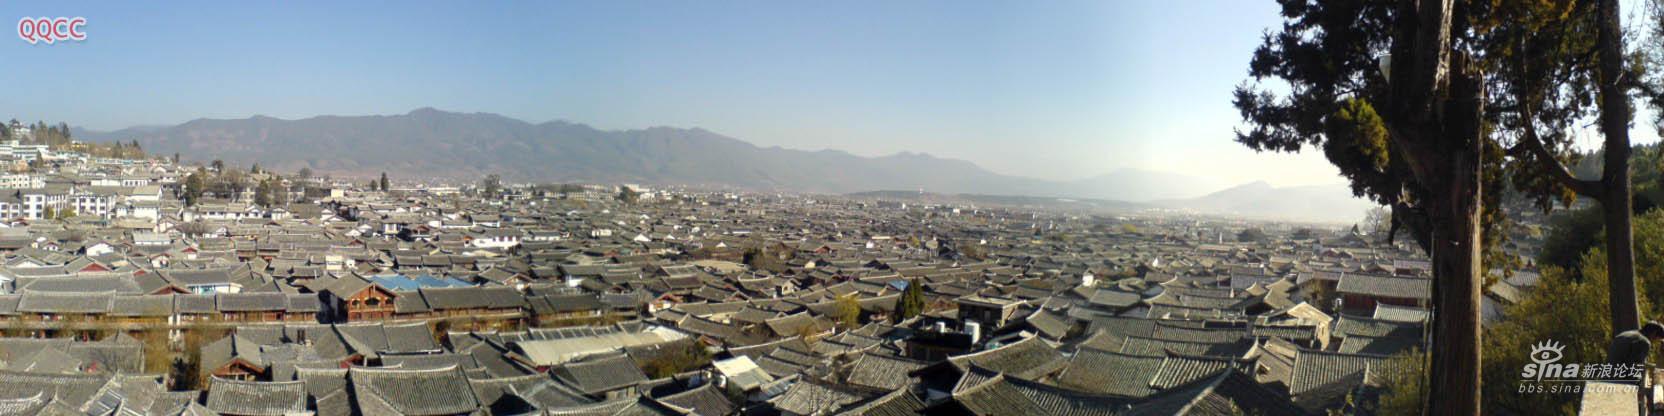 图片:丽江古城全景图